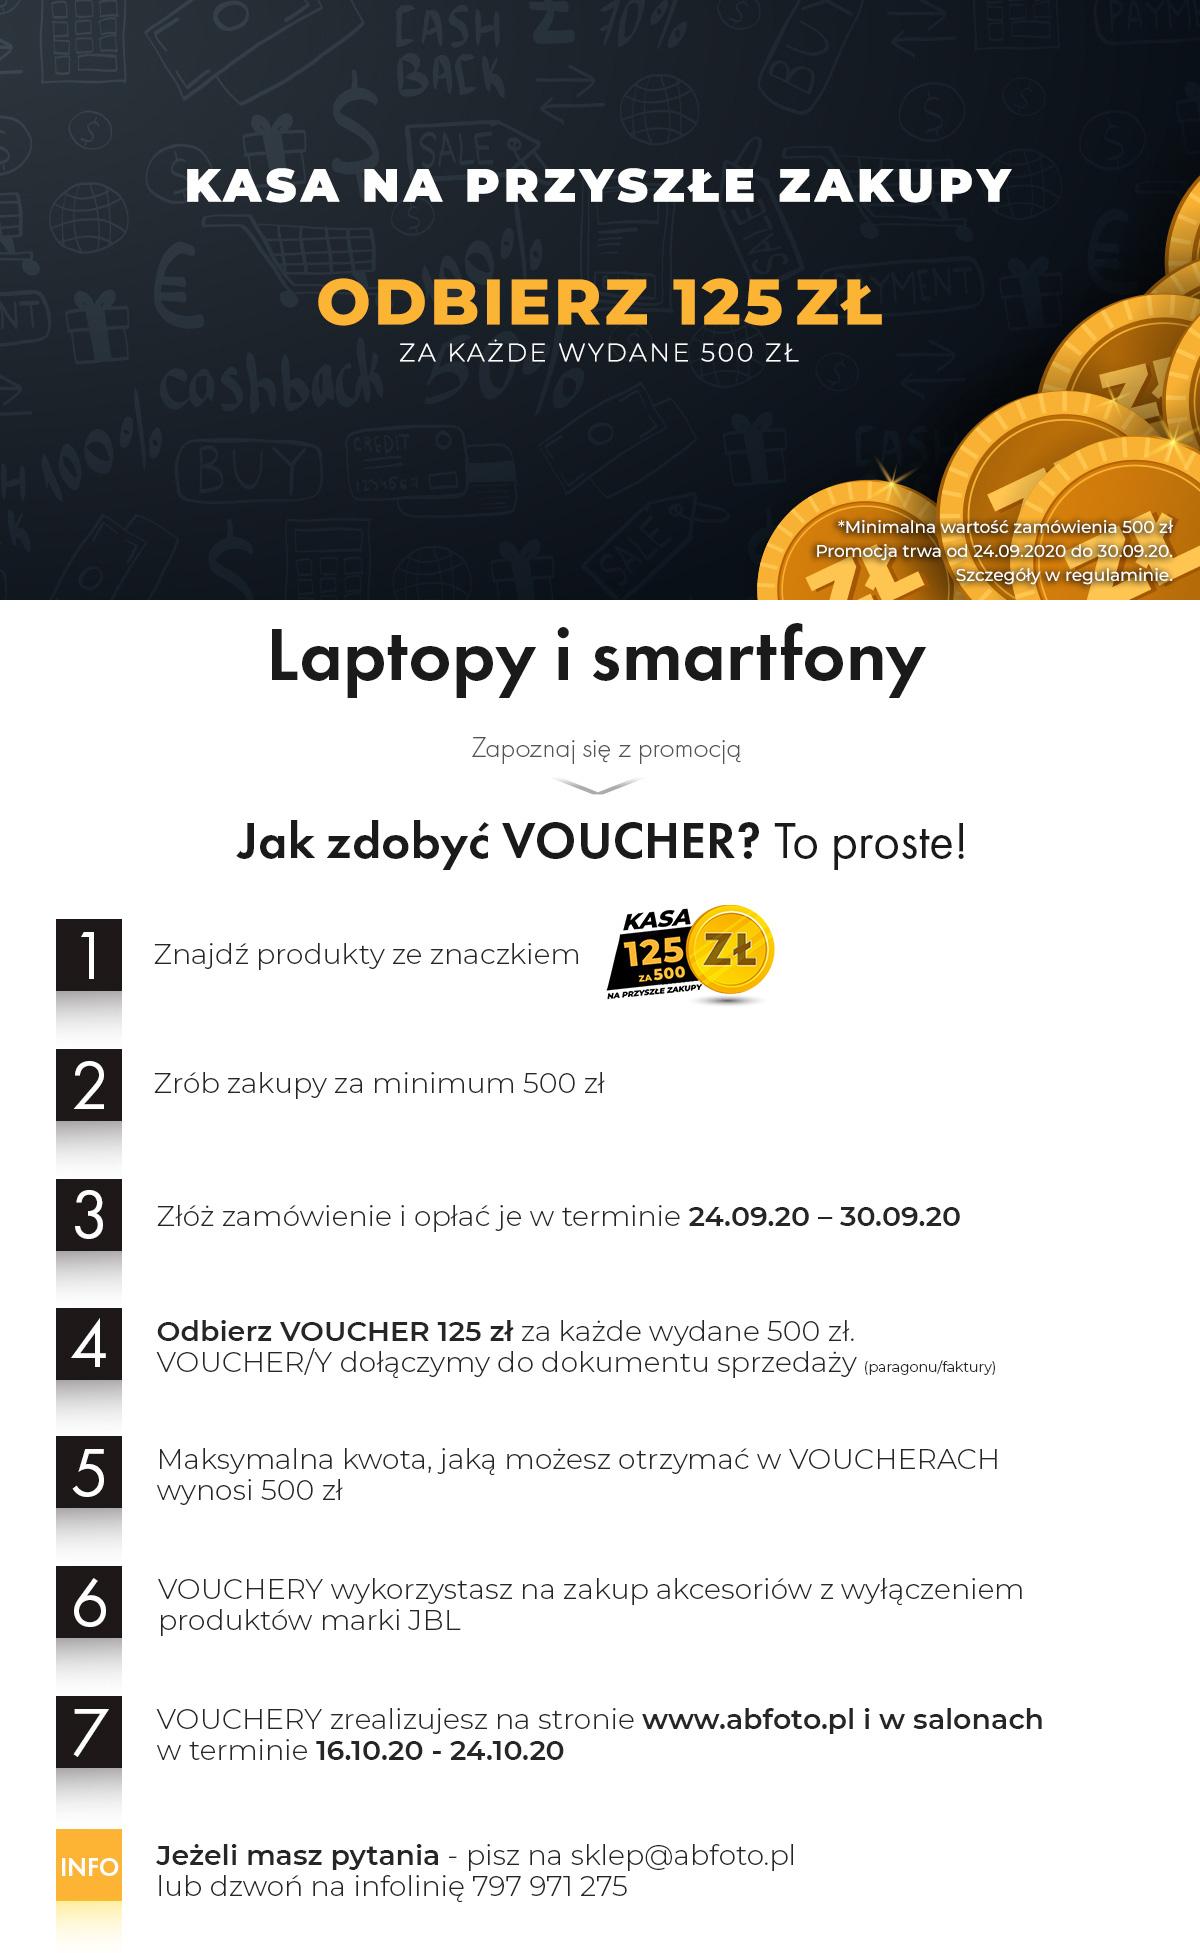 ABFoto.pl voucher 125zł za każde wydane 500zł. Max zwrot 500zł do wykorzystania na akcesoria foto, it, GSM, RTV, audio